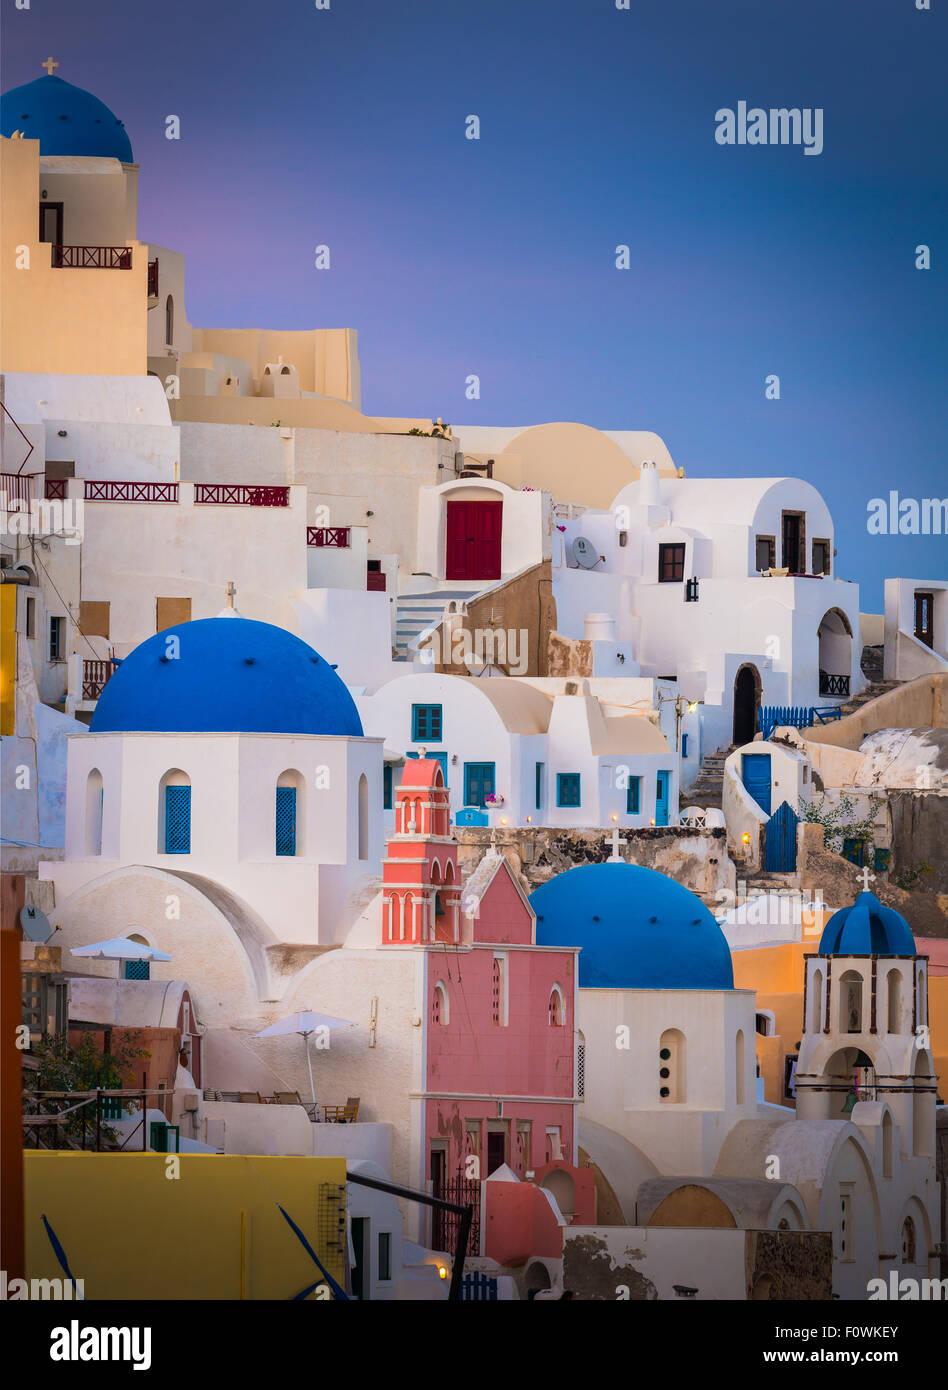 Legendären Sonnenuntergang in die Stadt Oia auf der griechischen Insel Santorini (Thira) Stockbild